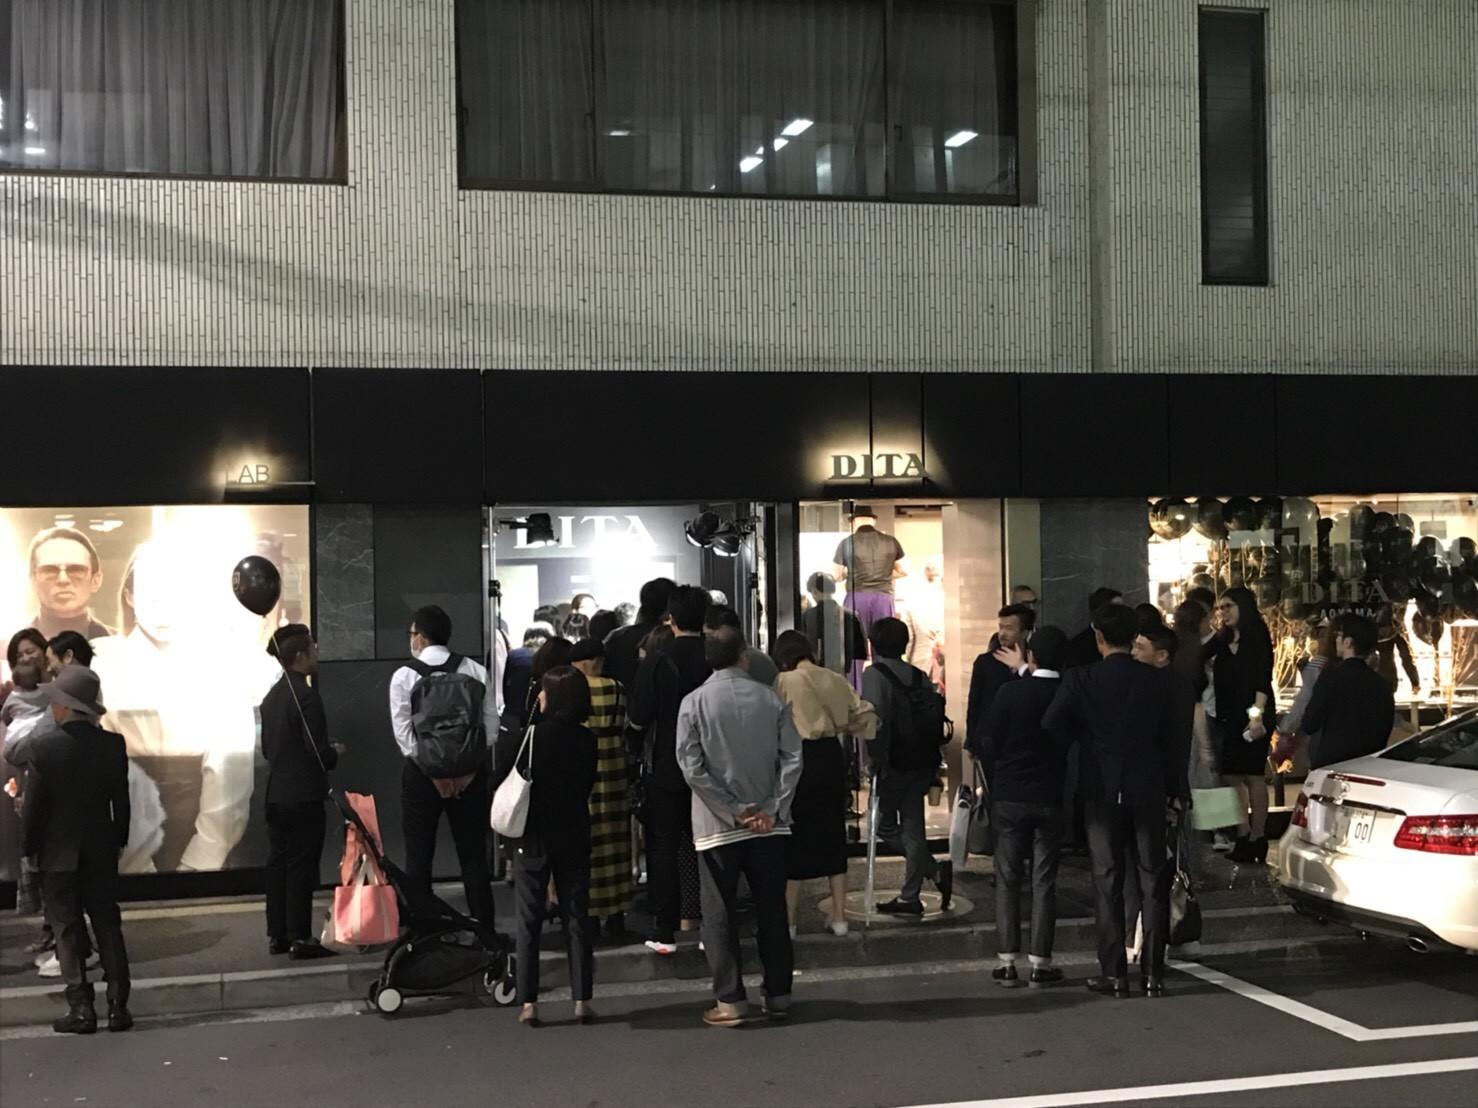 【DITA南青山店一周年記念イベントでCOCOVANILLAICECREAMを提供させて頂きました】